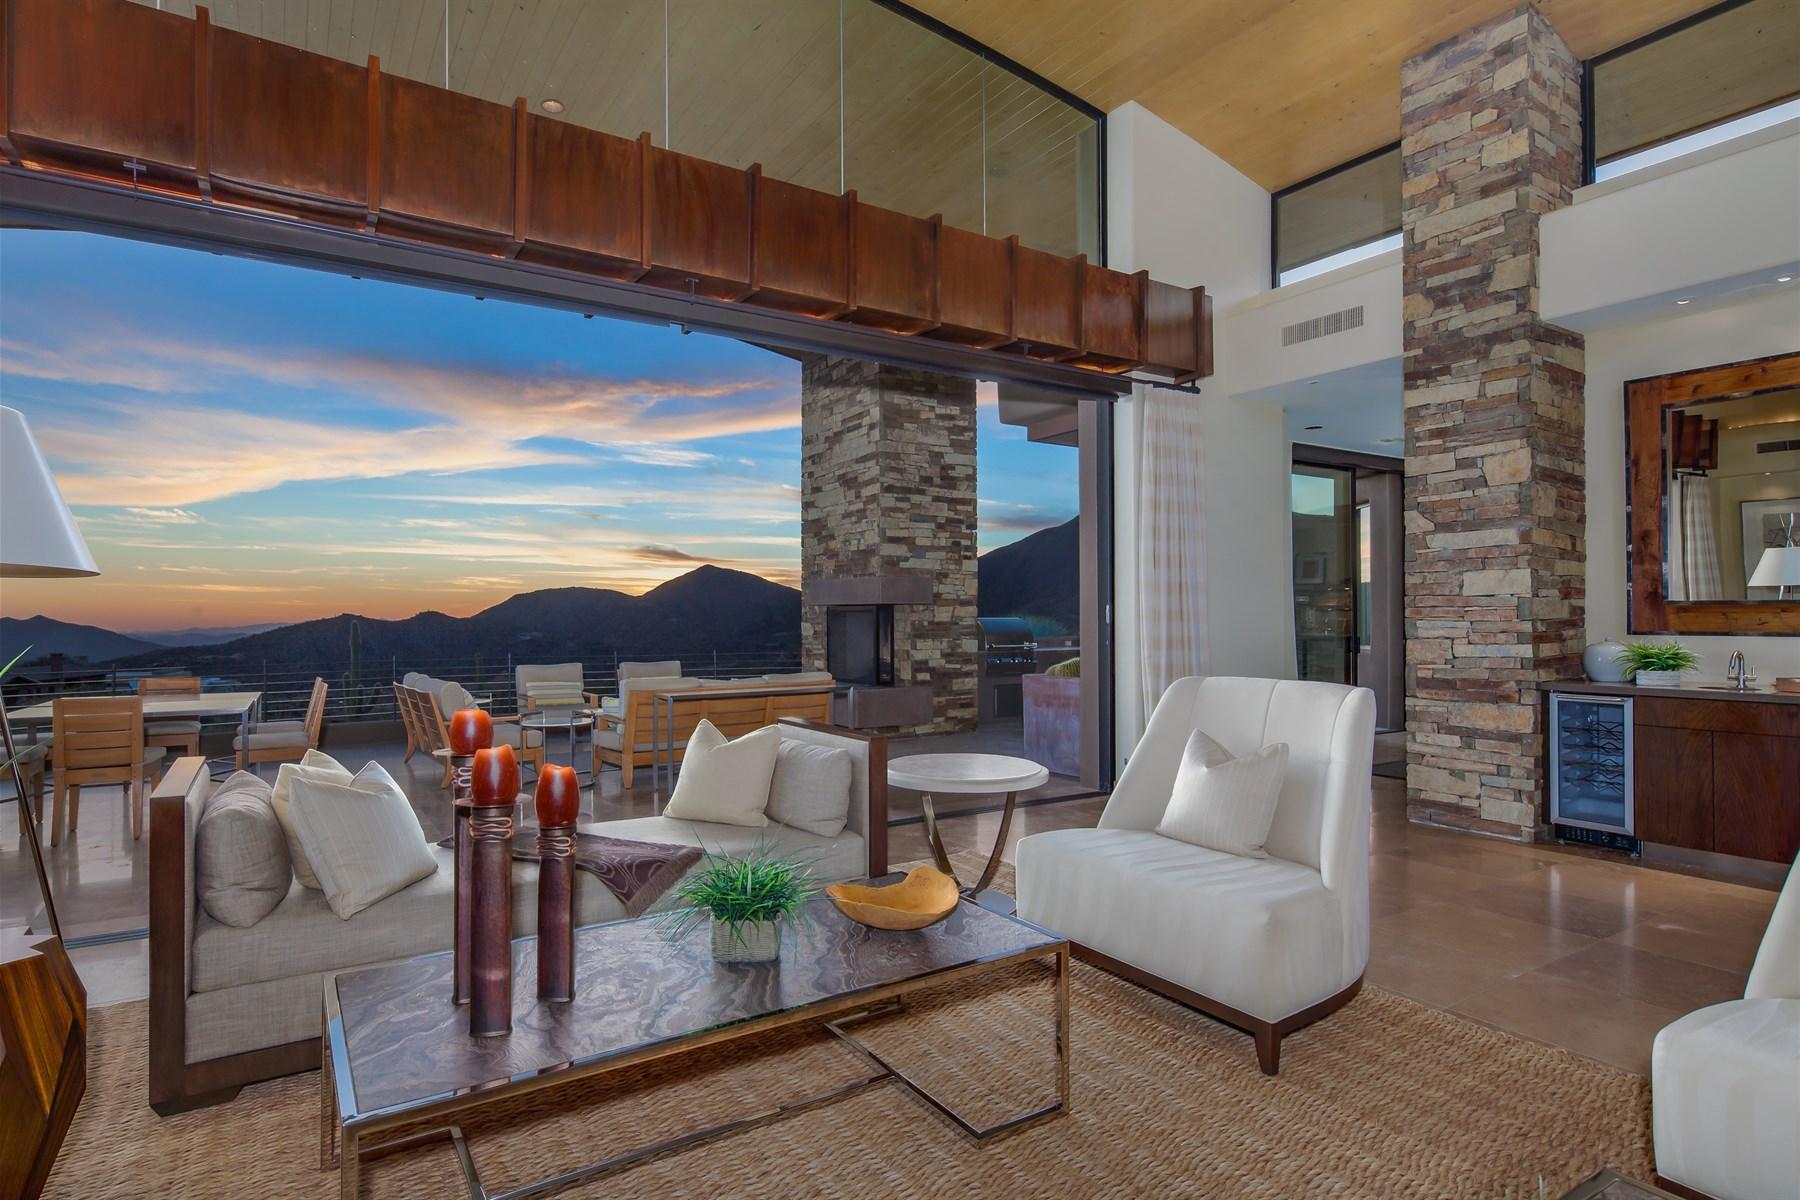 Einfamilienhaus für Verkauf beim Bing Hu Architectural Masterpiece in Scottsdale 10028 E Reflecting Mountain Way Scottsdale, Arizona, 85262 Vereinigte Staaten